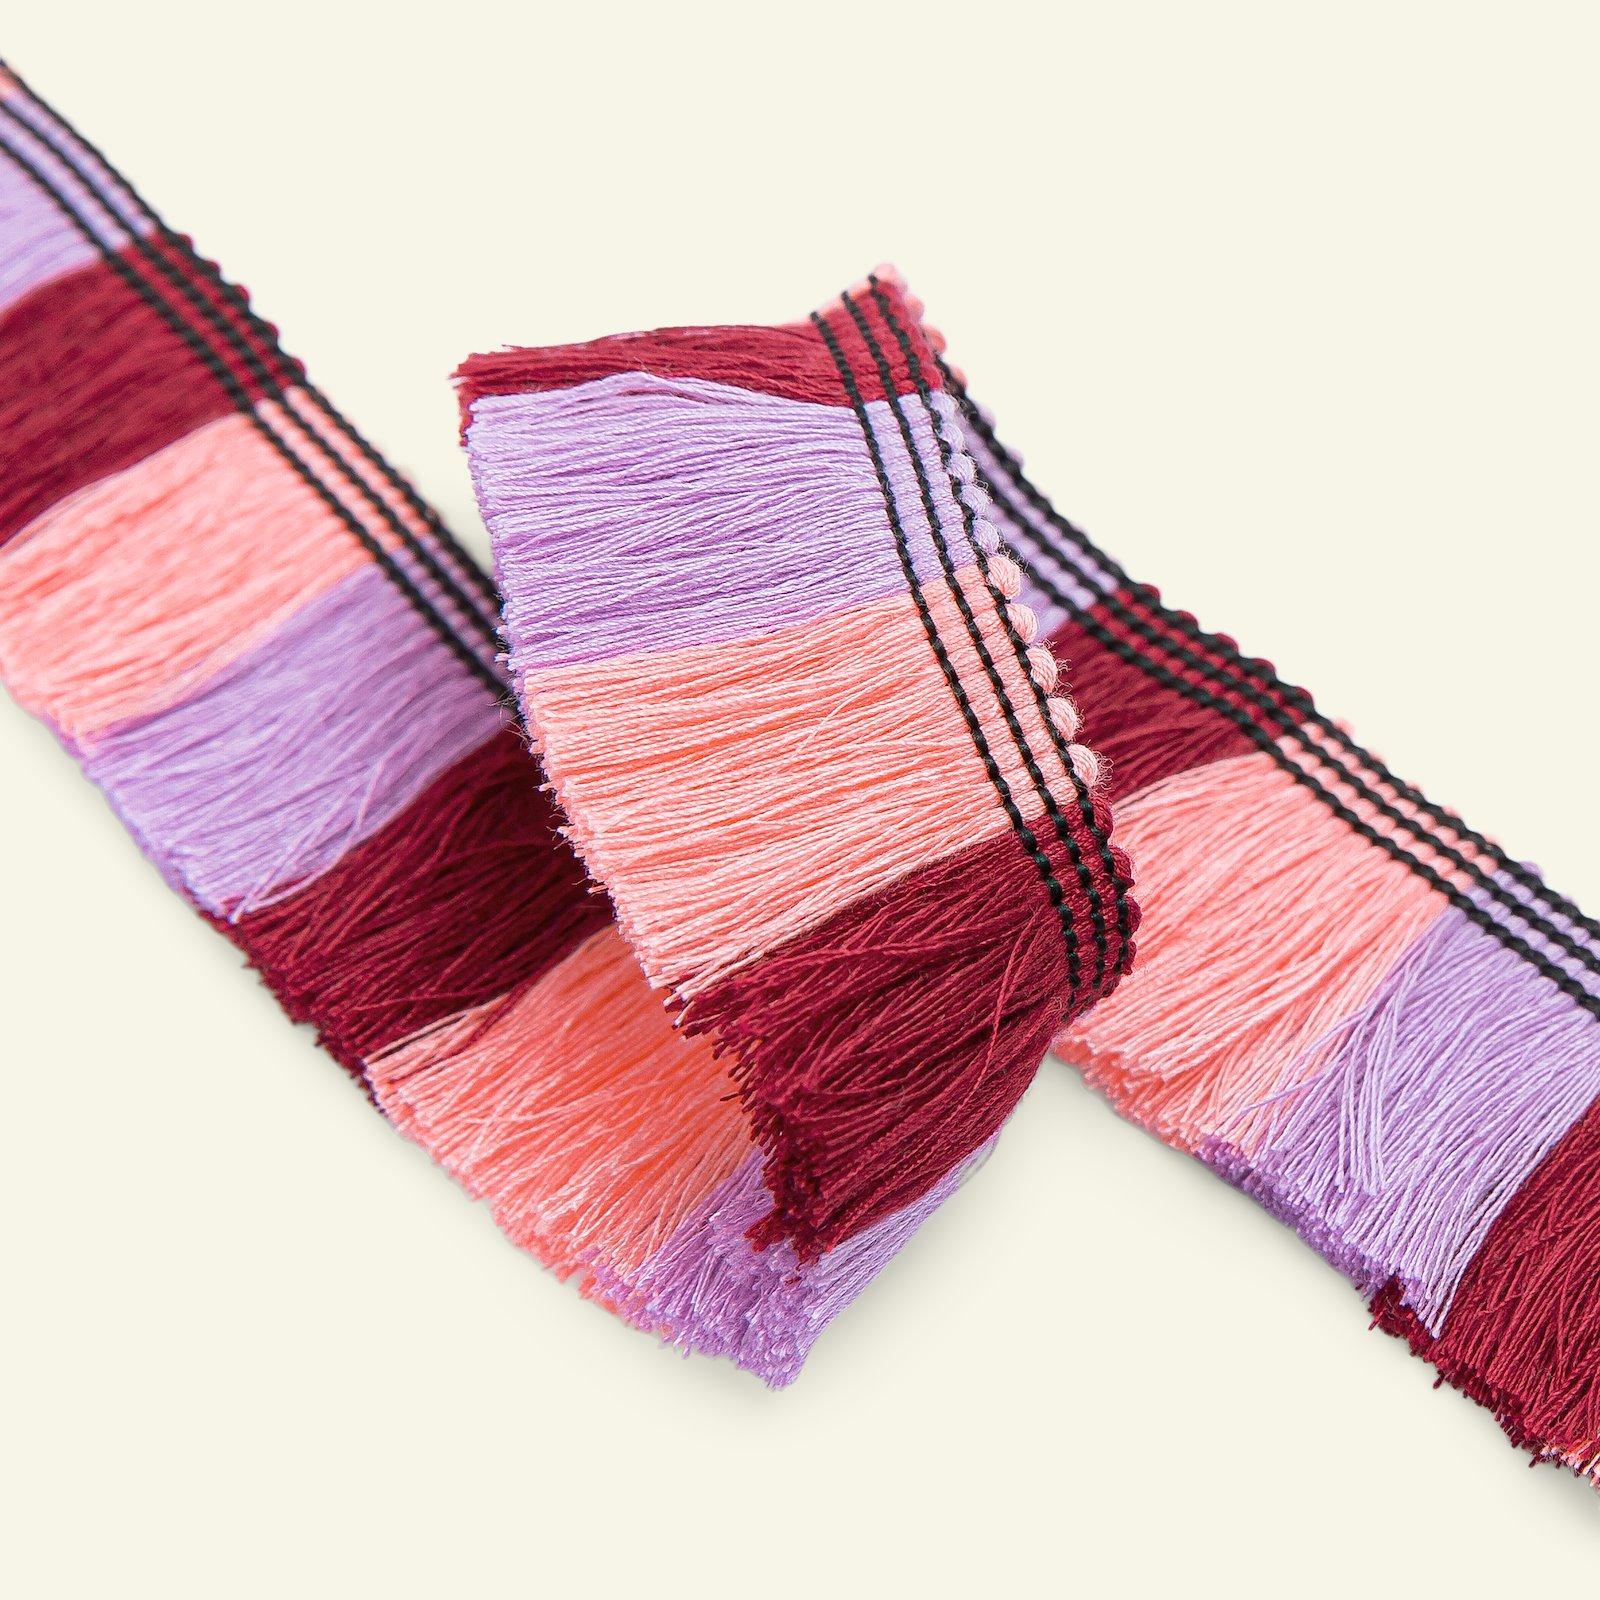 Ribbon w/fringe 30mm bordeaux/rose 2m 22363_pack